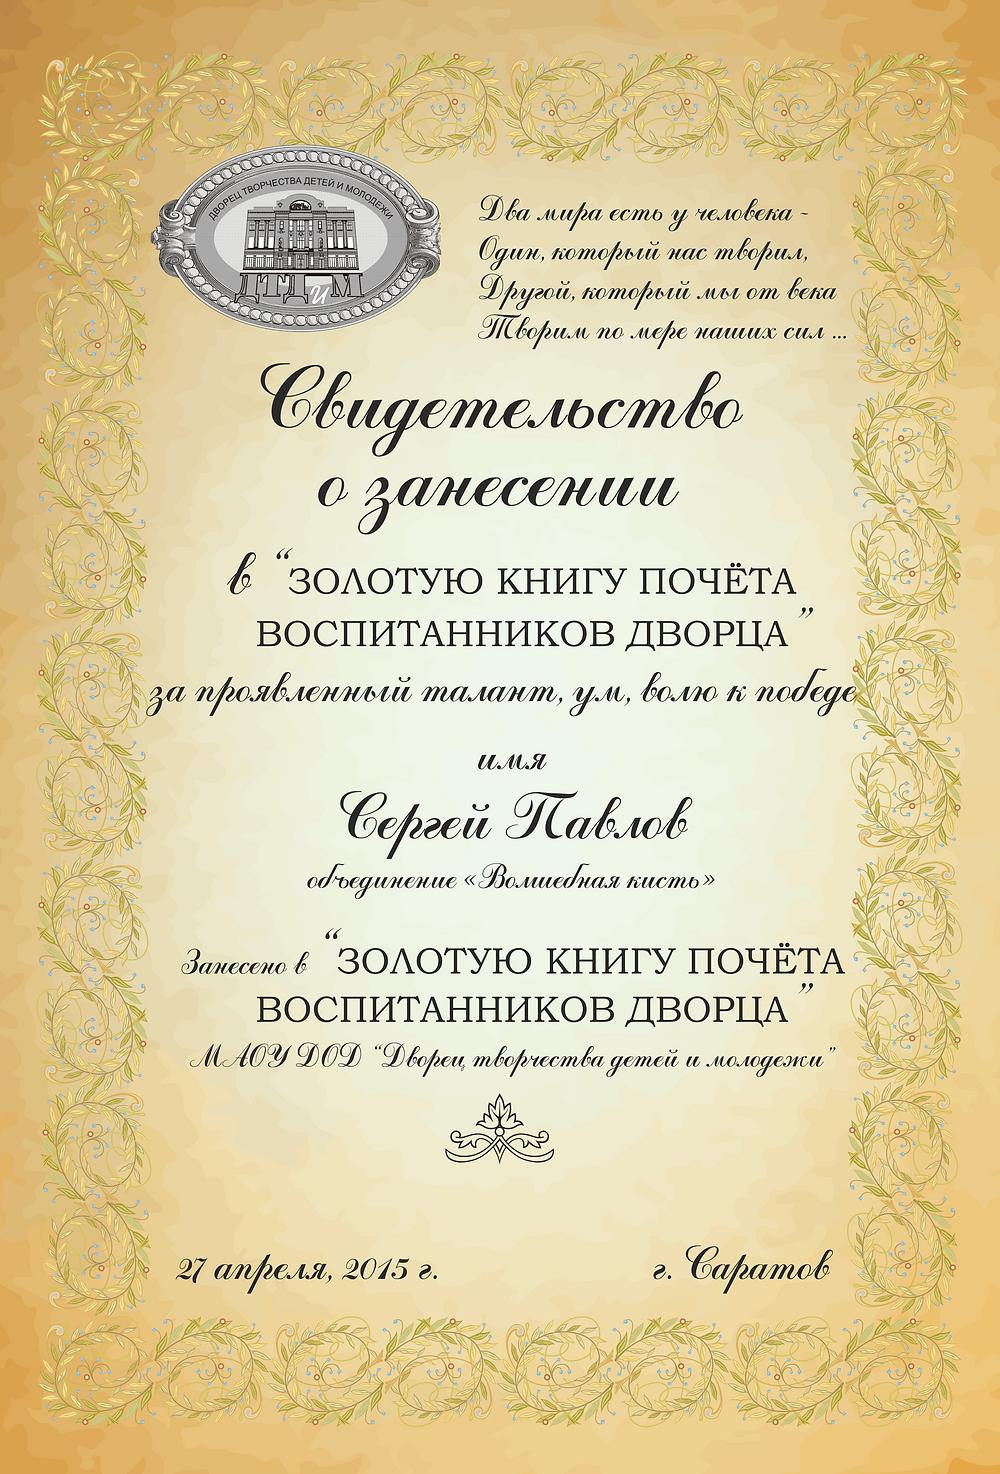 свидетельство бенефис одаренных детей воспитанники книга почета2.png